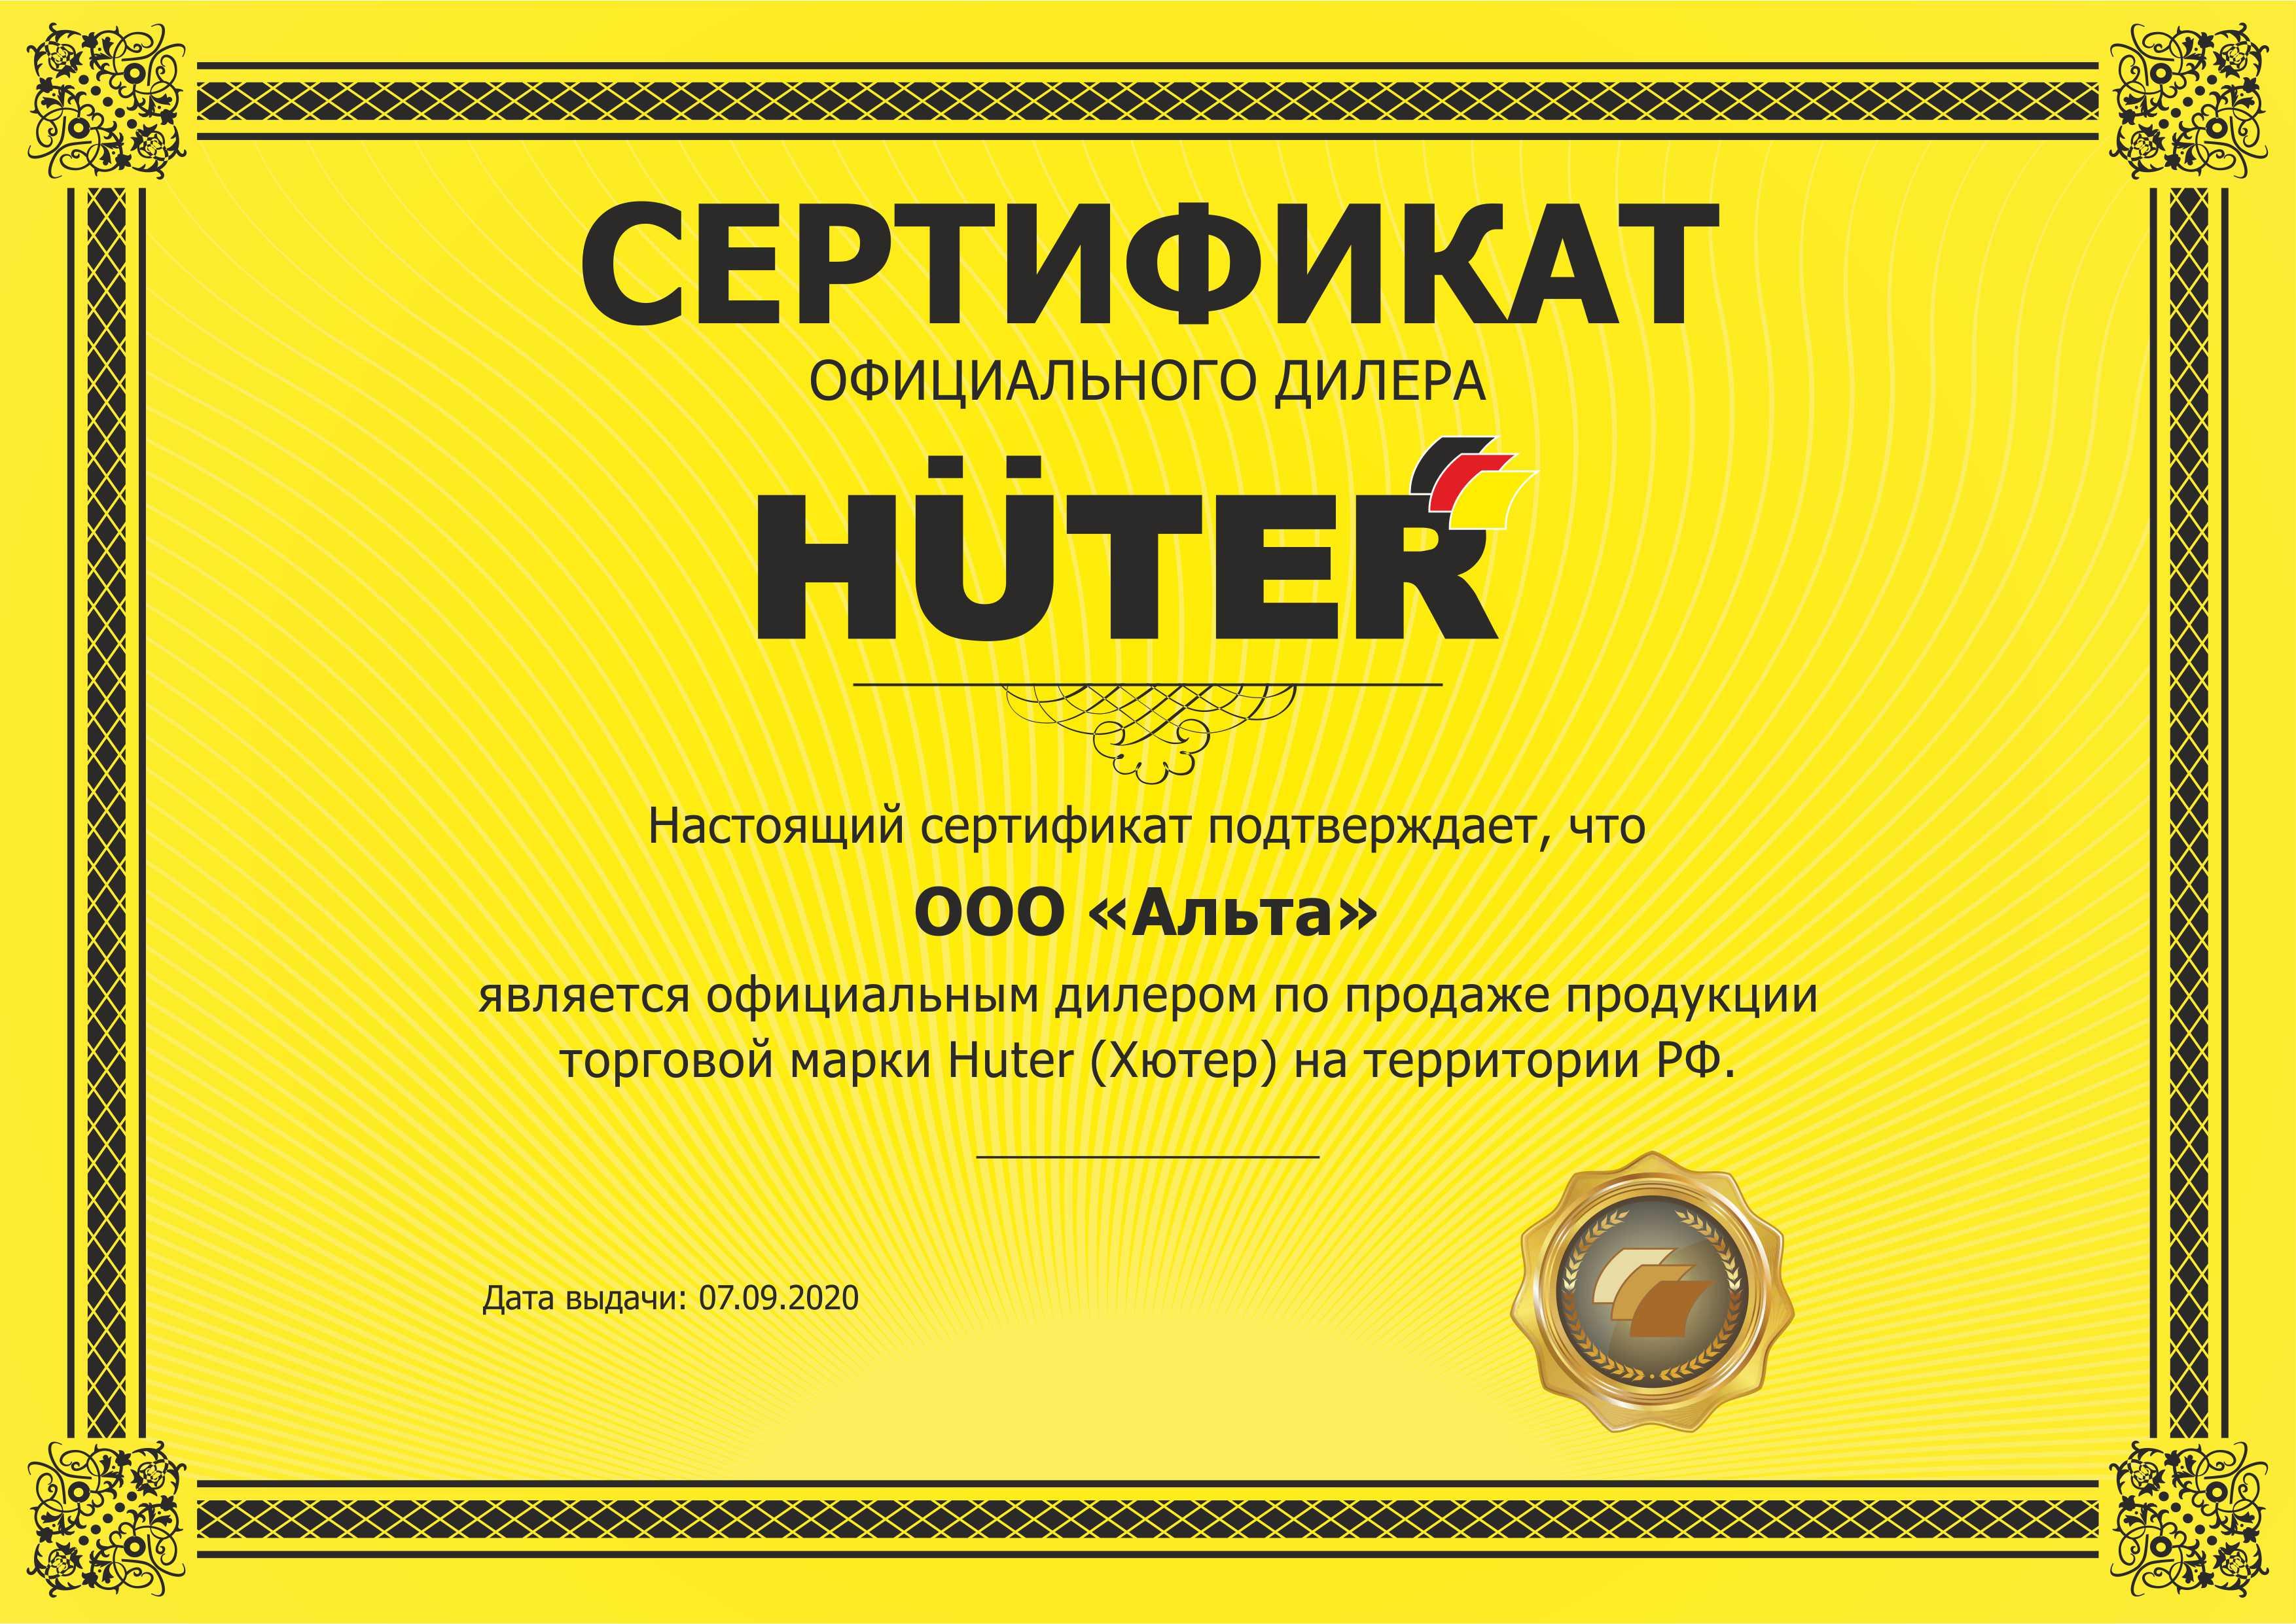 Сертификат на продукцию Huter